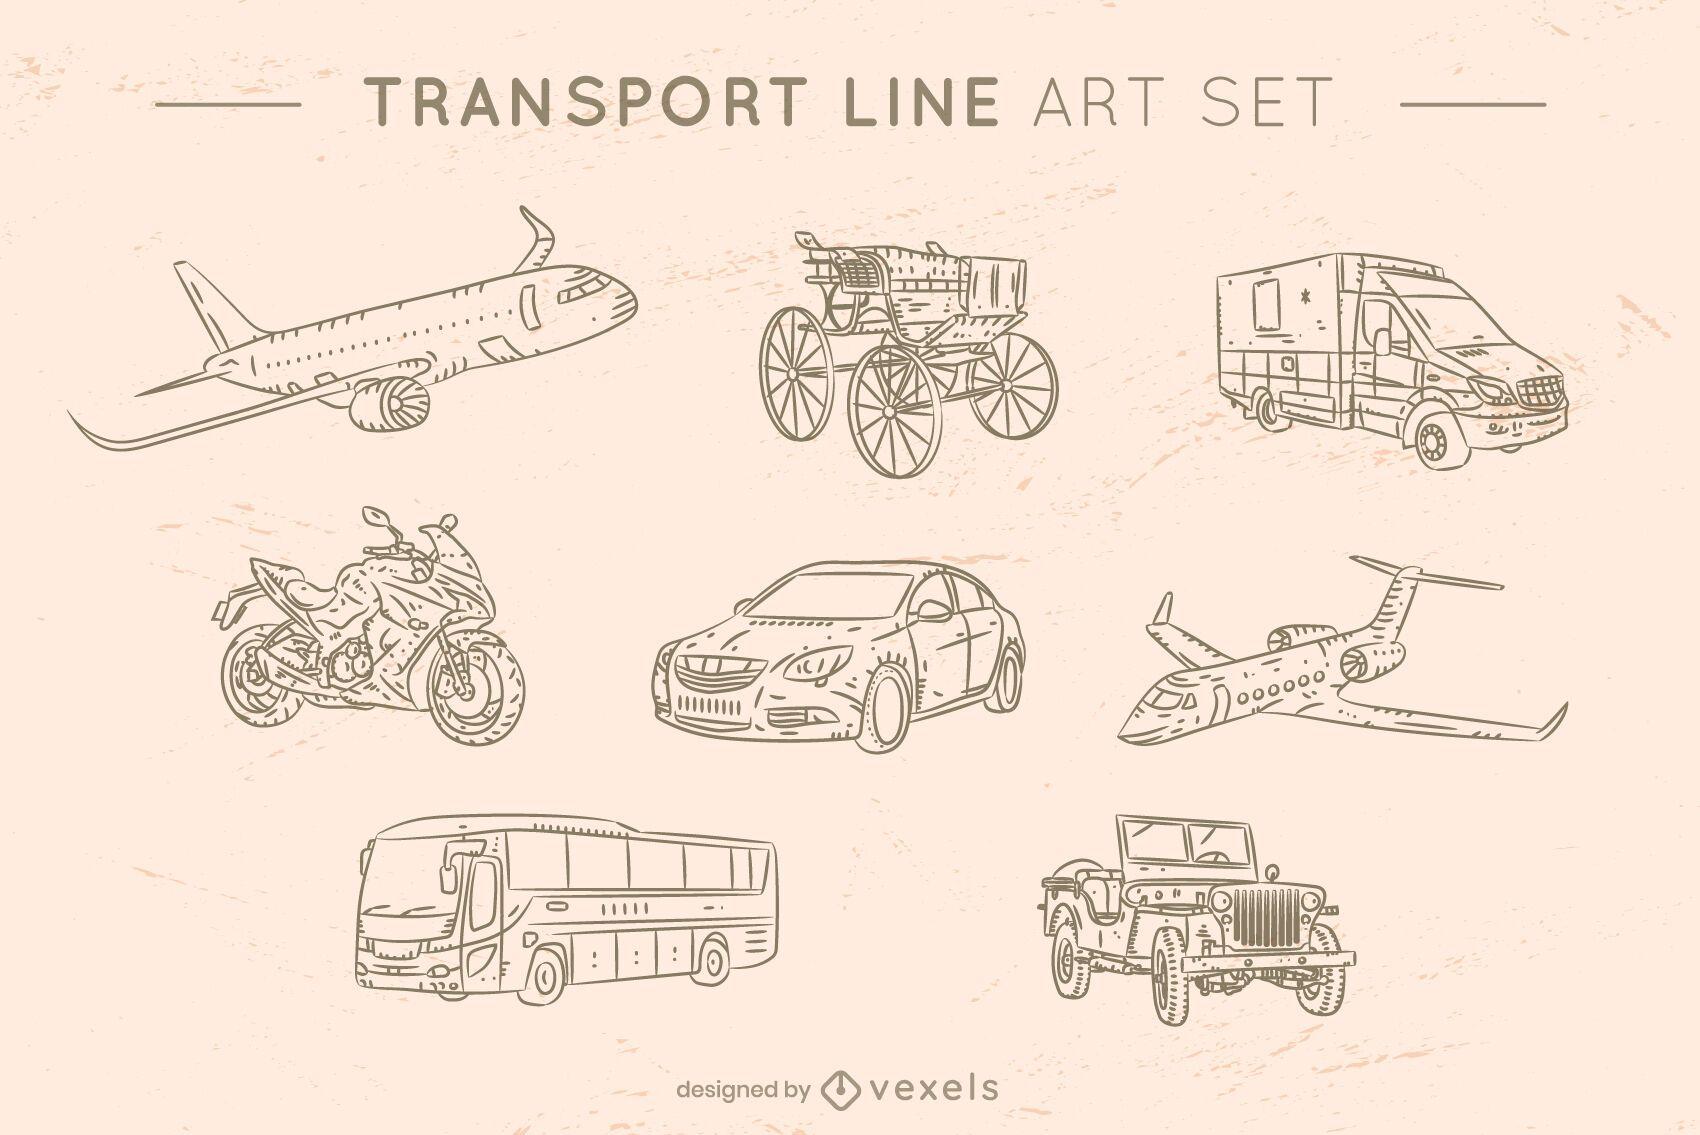 Transport line art set